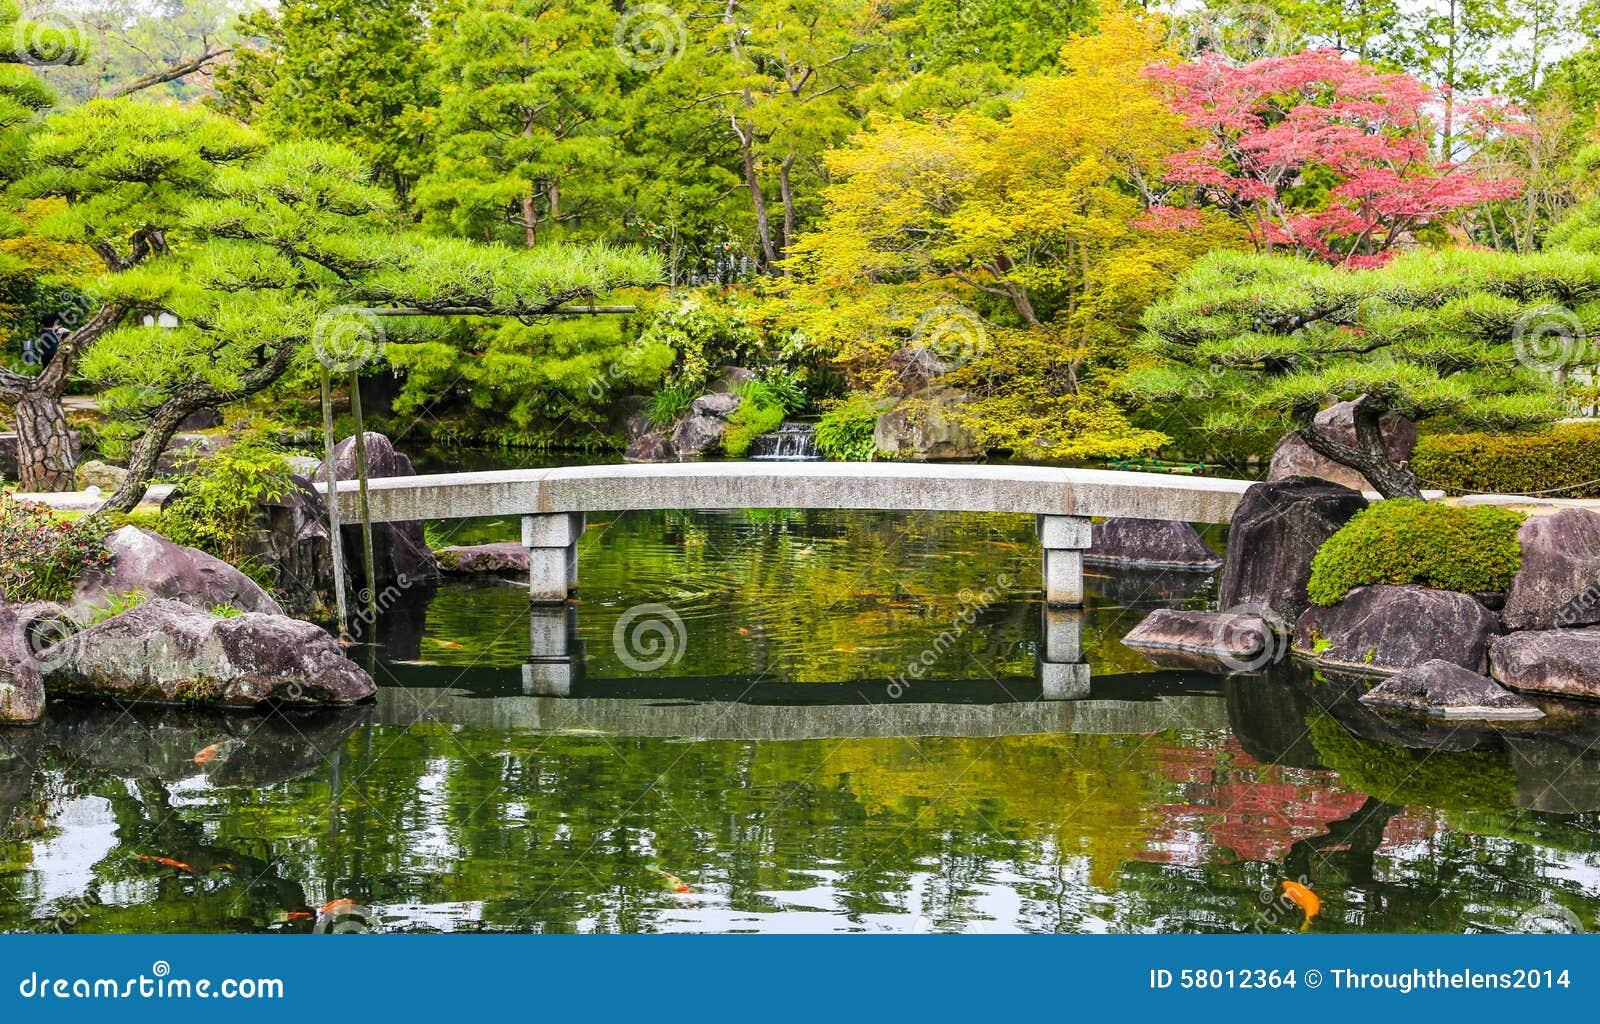 Lo stagno del giardino di zen con il ponte e la carpa for Stagno giardino